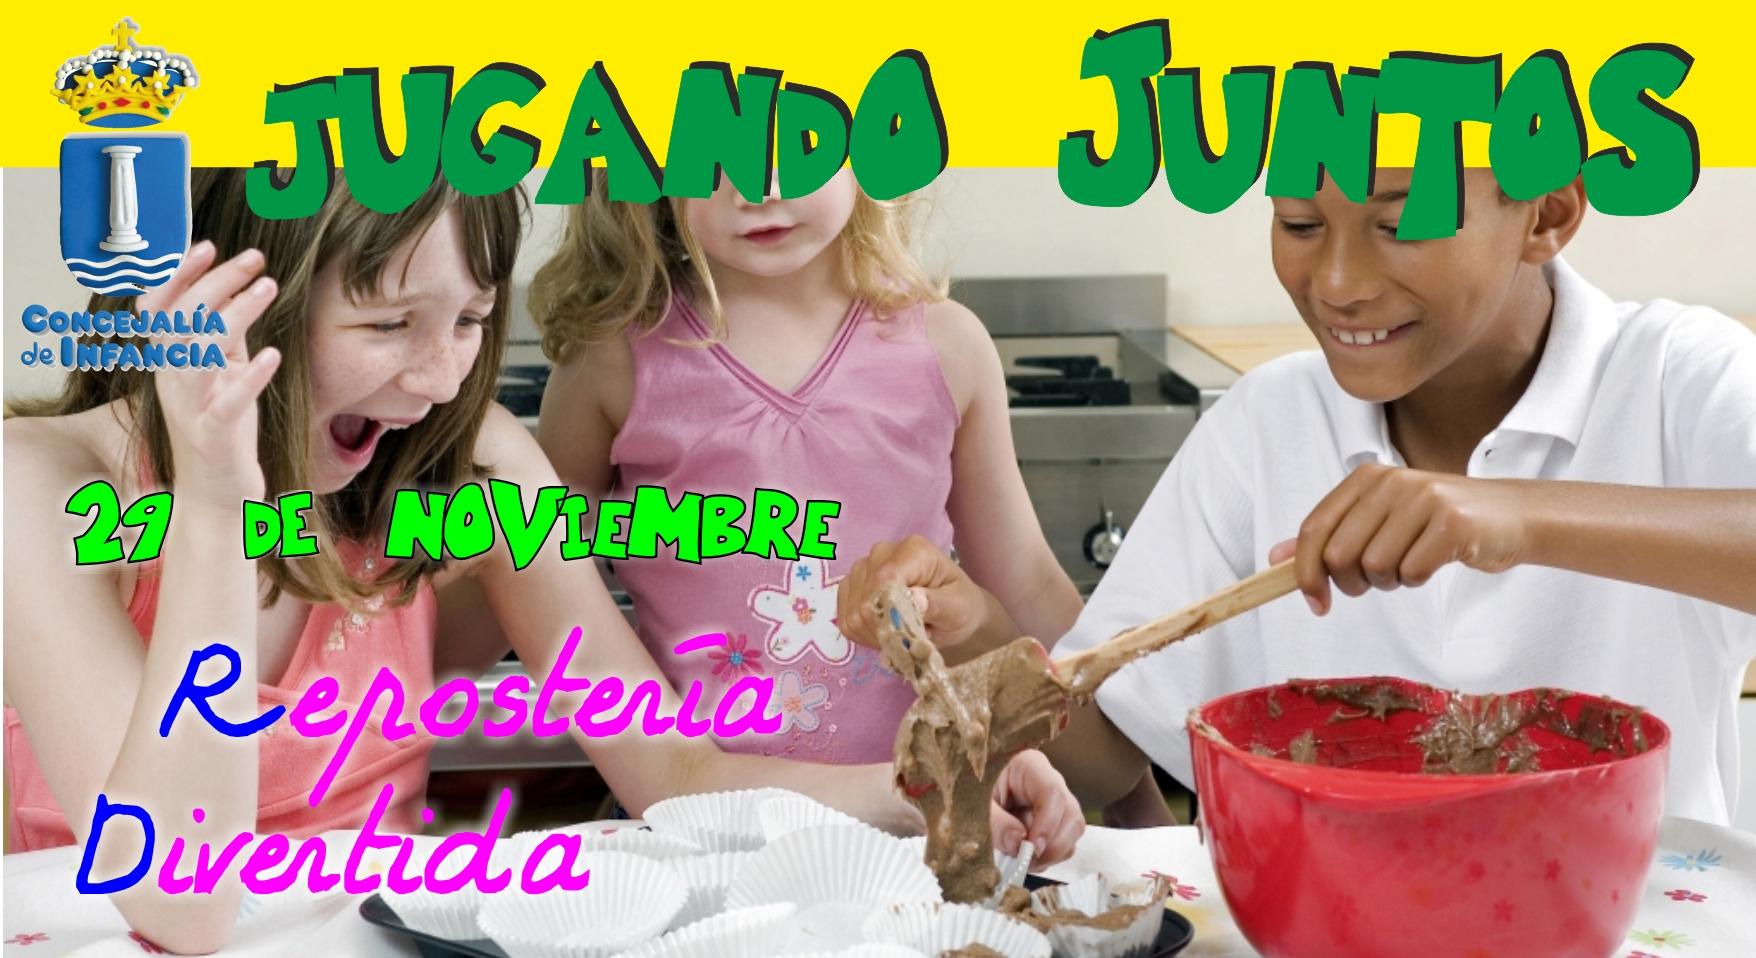 La concejalía de Infancia organiza un taller de «Repostería divertida».